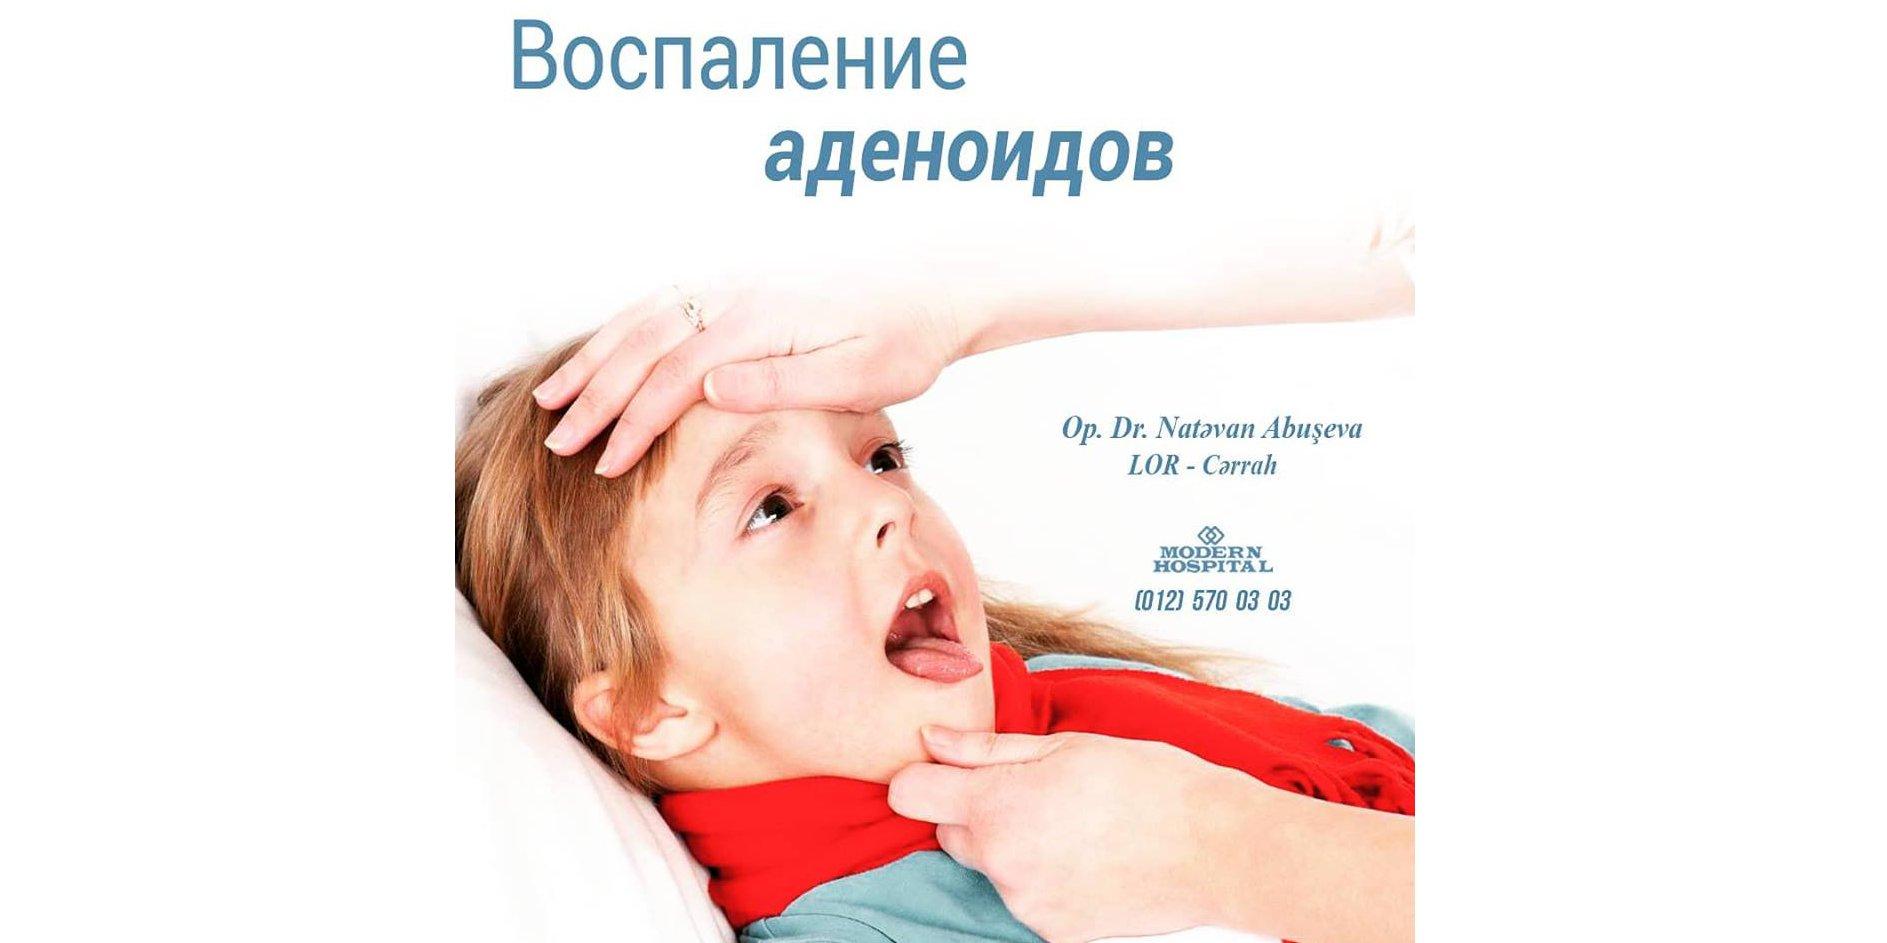 Воспаление аденоидов